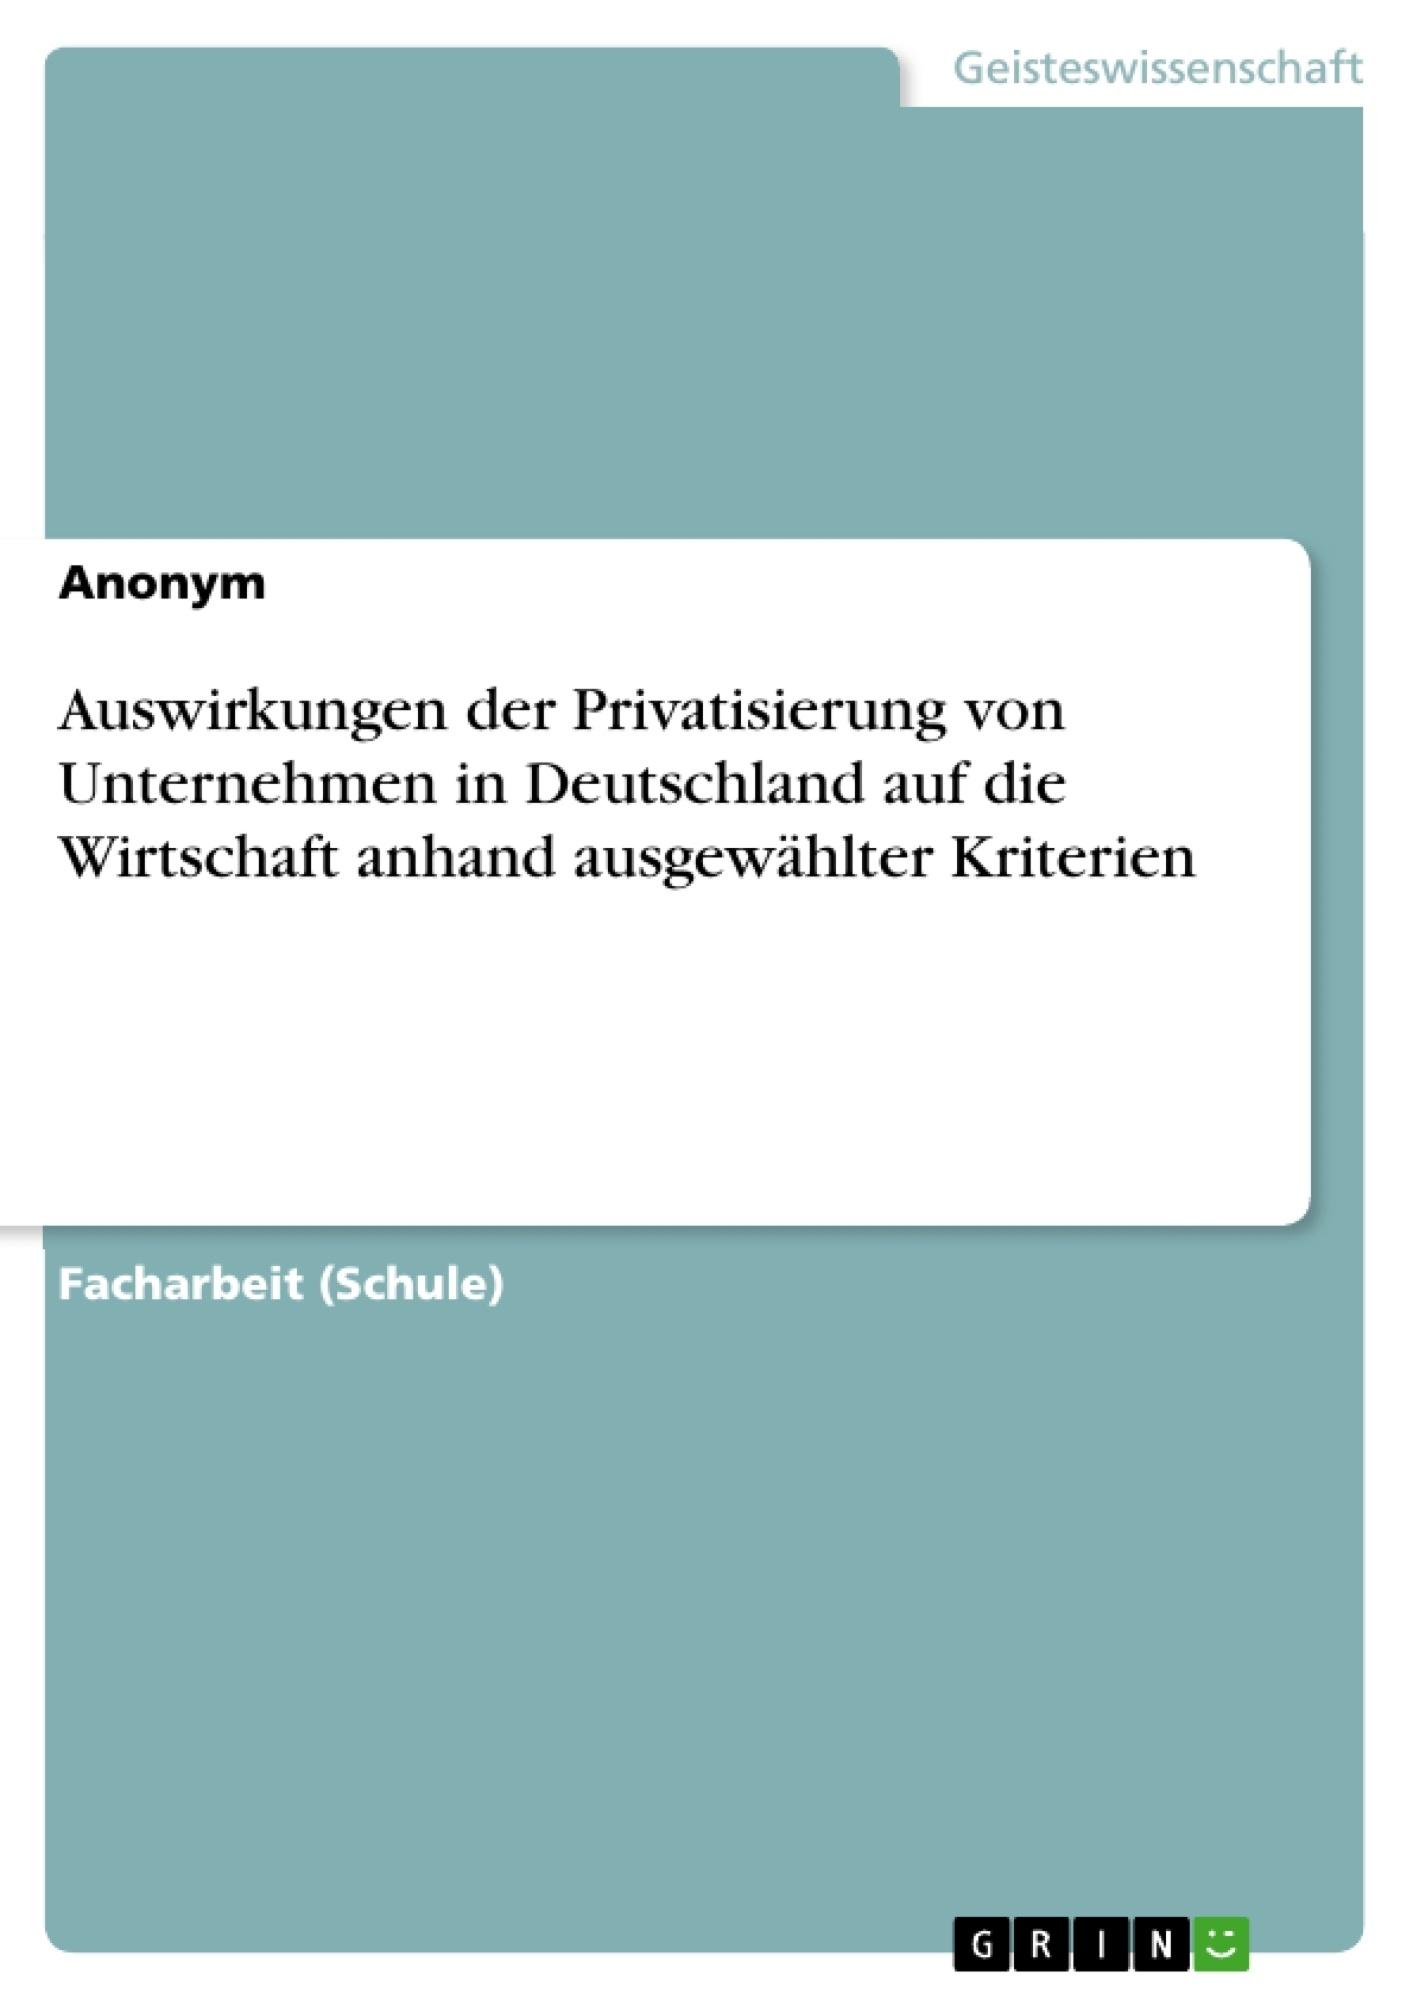 Titel: Auswirkungen der Privatisierung von Unternehmen in Deutschland auf die Wirtschaft anhand ausgewählter Kriterien